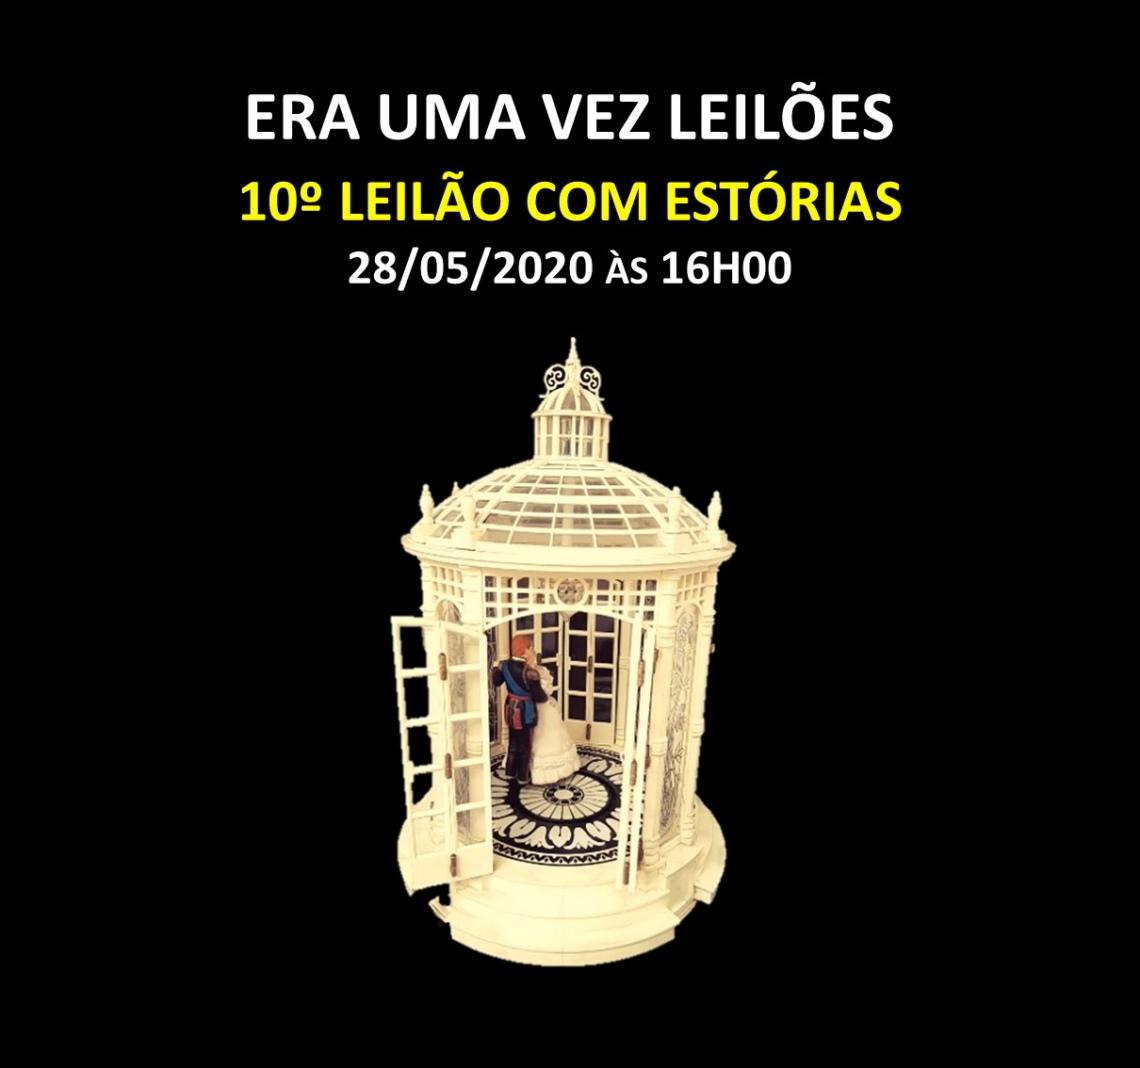 10º LEILÃO COM ESTÓRIAS - 28/05/2020 às 16h00